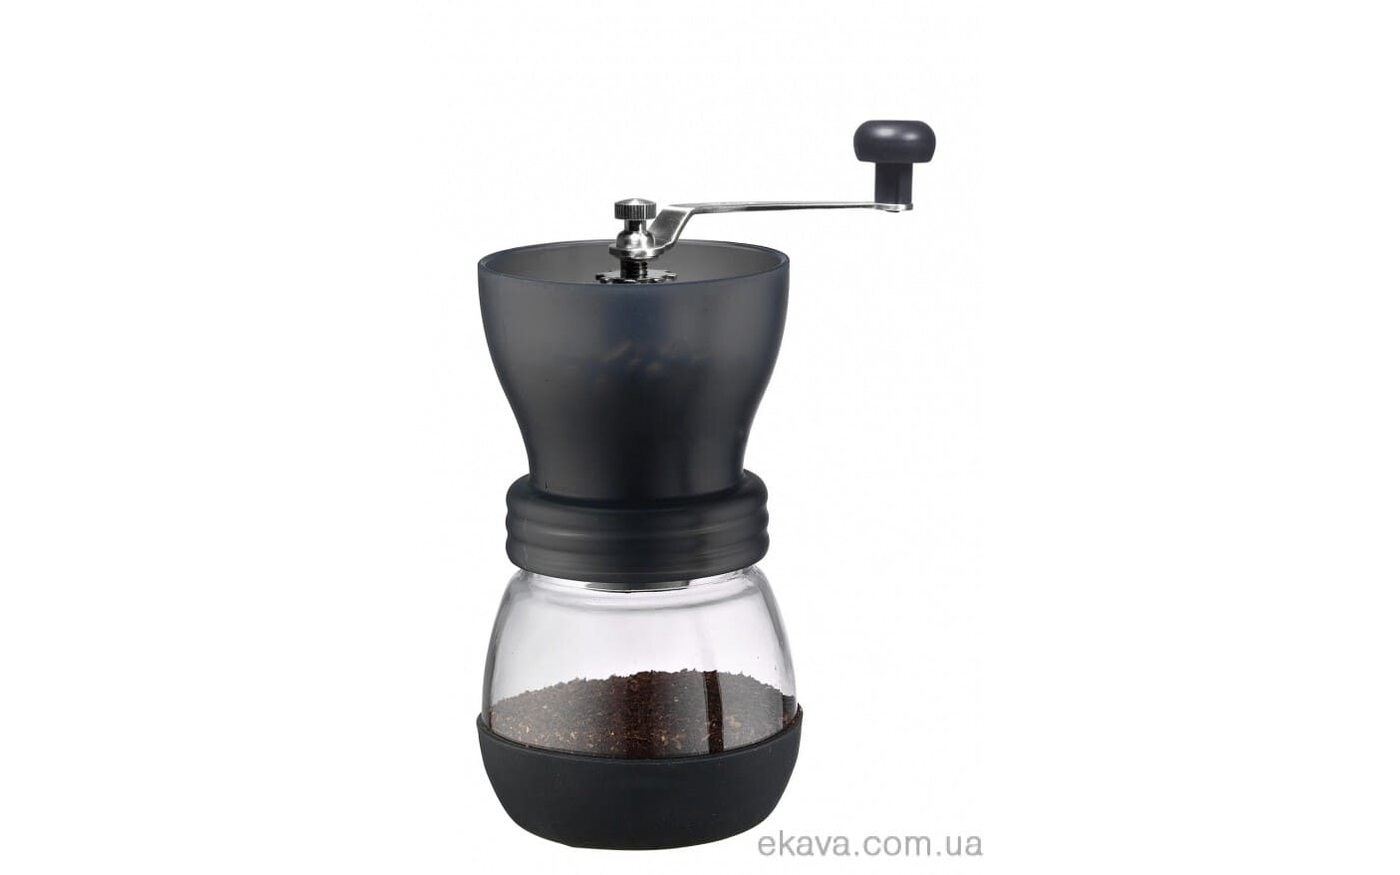 Как выбрать кофемолку?